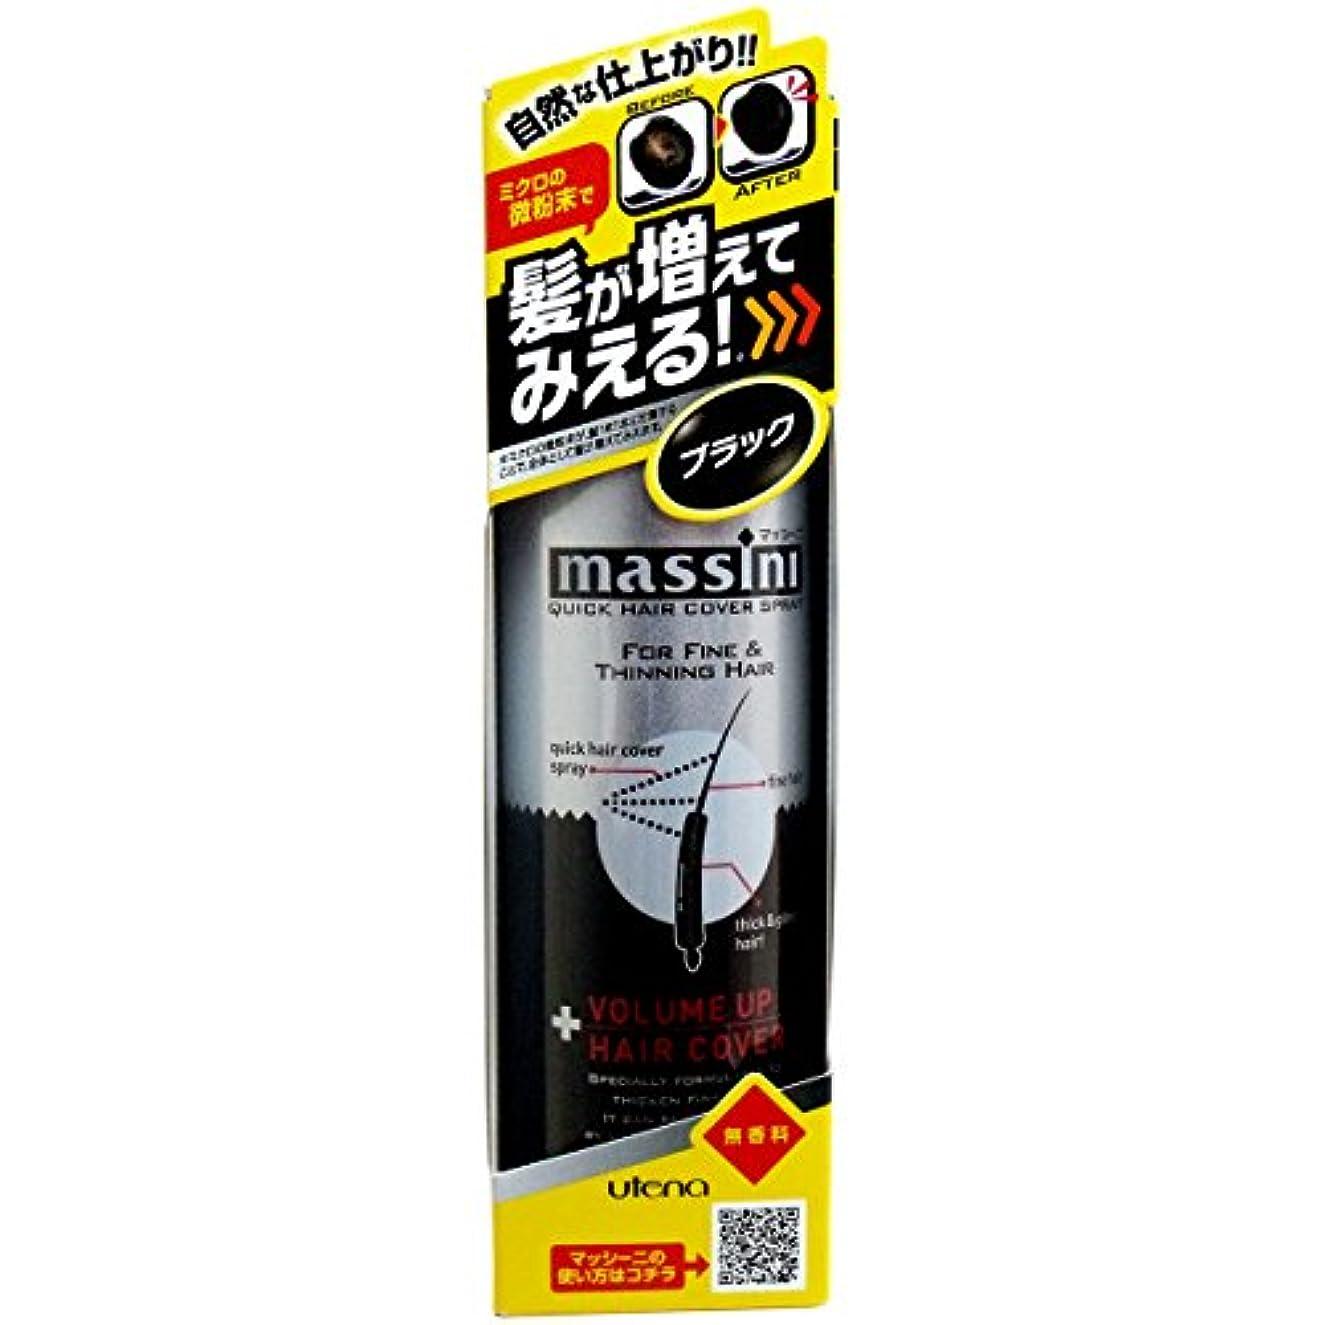 撃退する酔ってしつけ【ウテナ】マッシーニ クィックヘアカバースプレー(ブラック) 140g ×10個セット